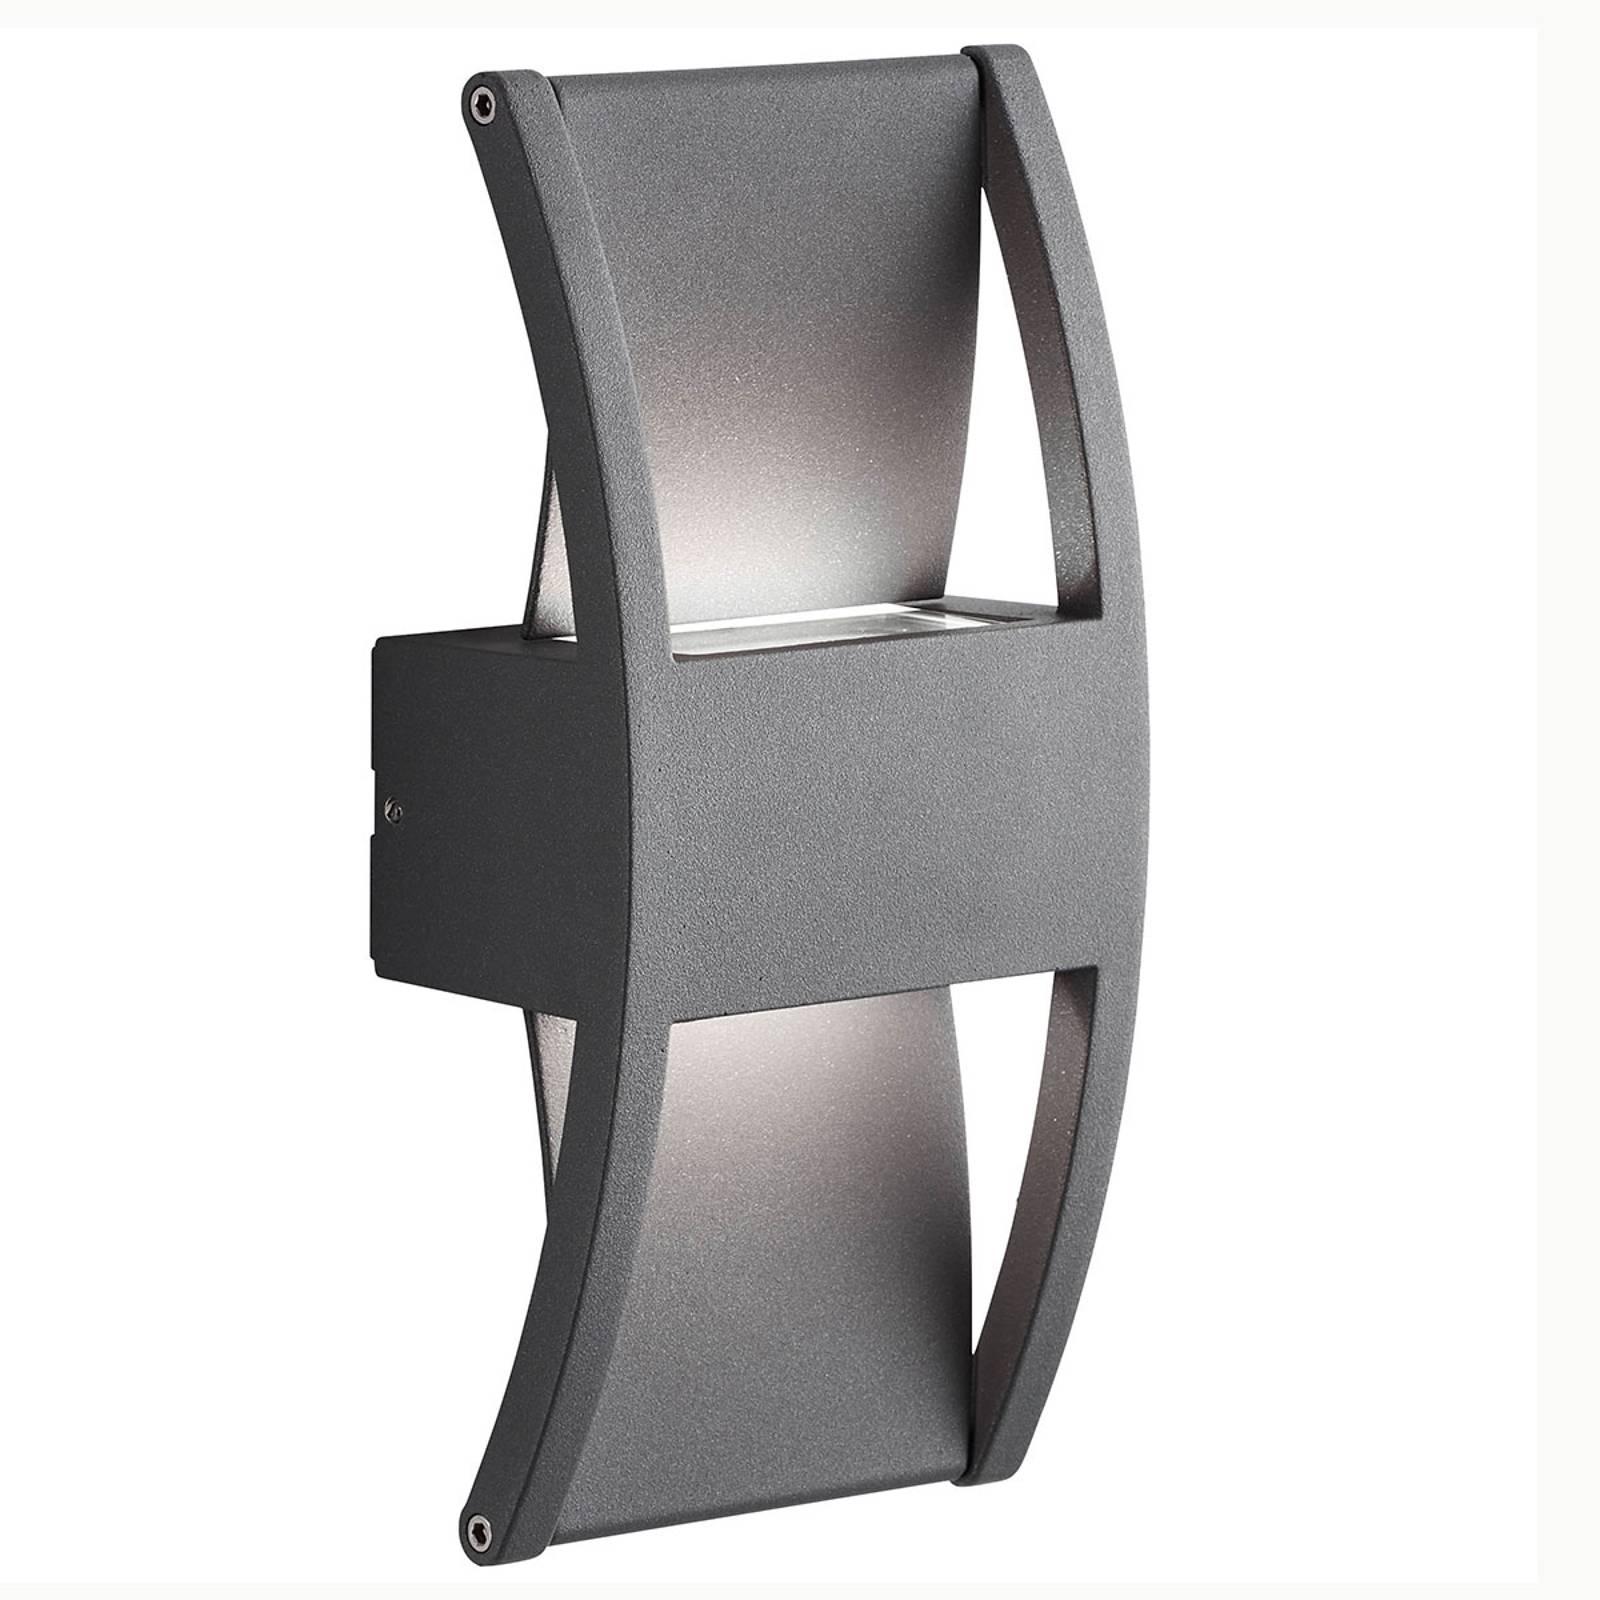 AEG Elroy LED buitenwandlamp van aluminium